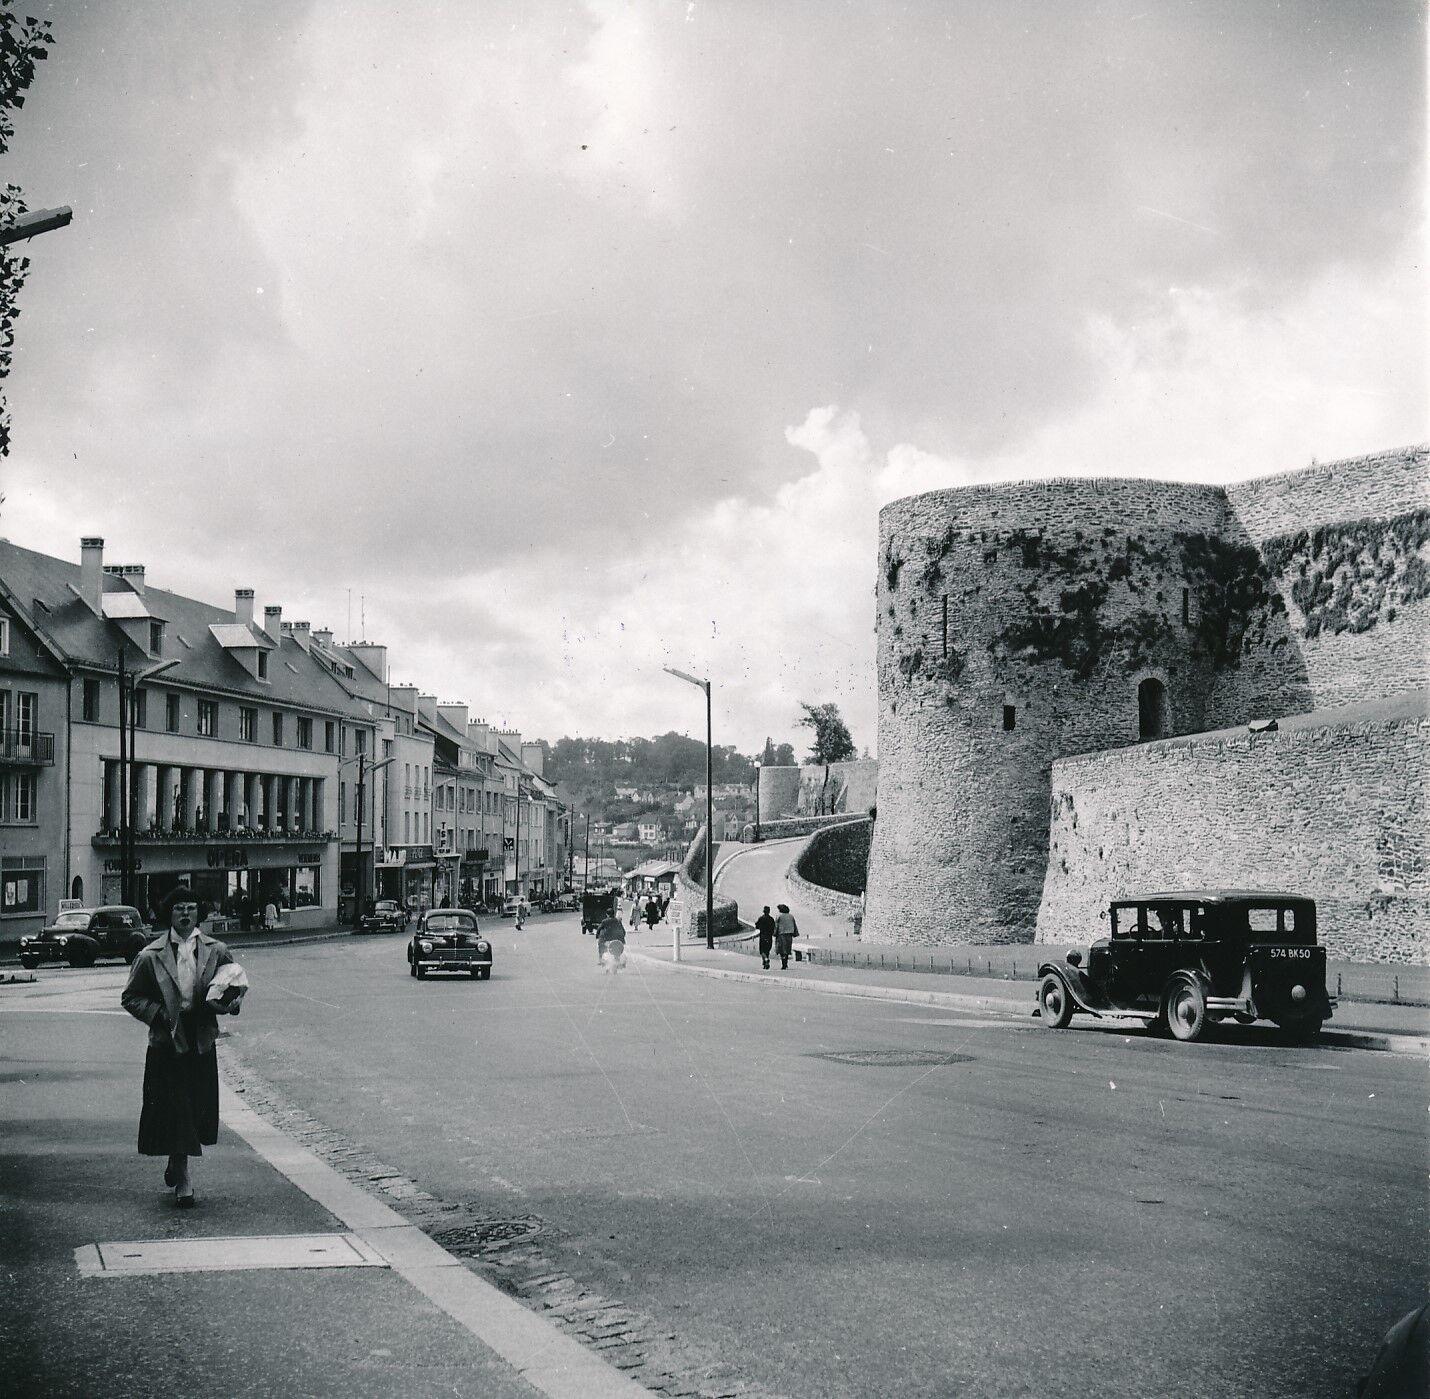 SAINT-LÔ c. 1950 -  Voitures rue Torteron Remparts Manche  - Div 7875